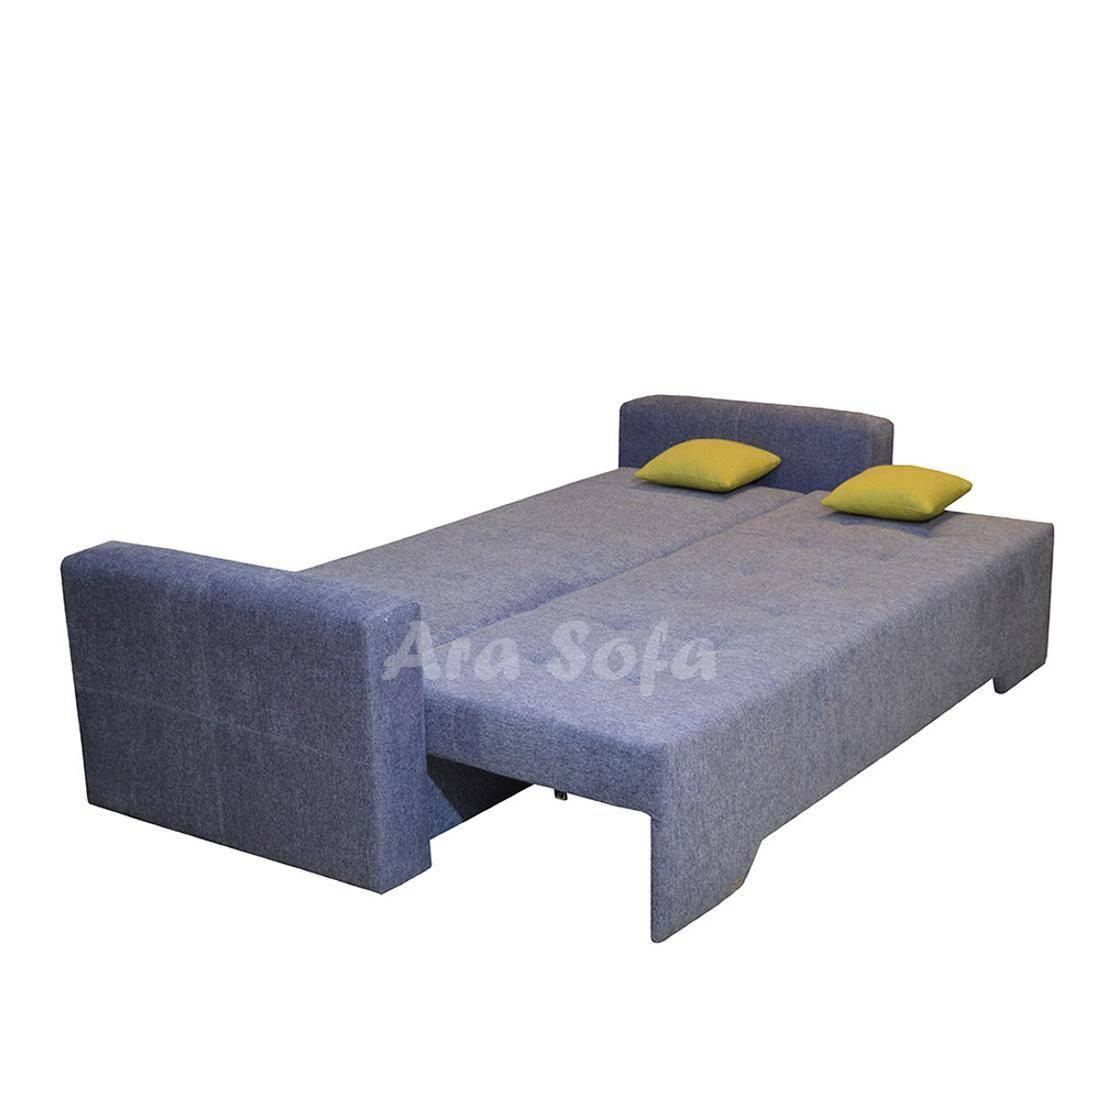 تختخوابشو دو نفره مبل کاناپه تختخواب شو مدرن و شیک B22